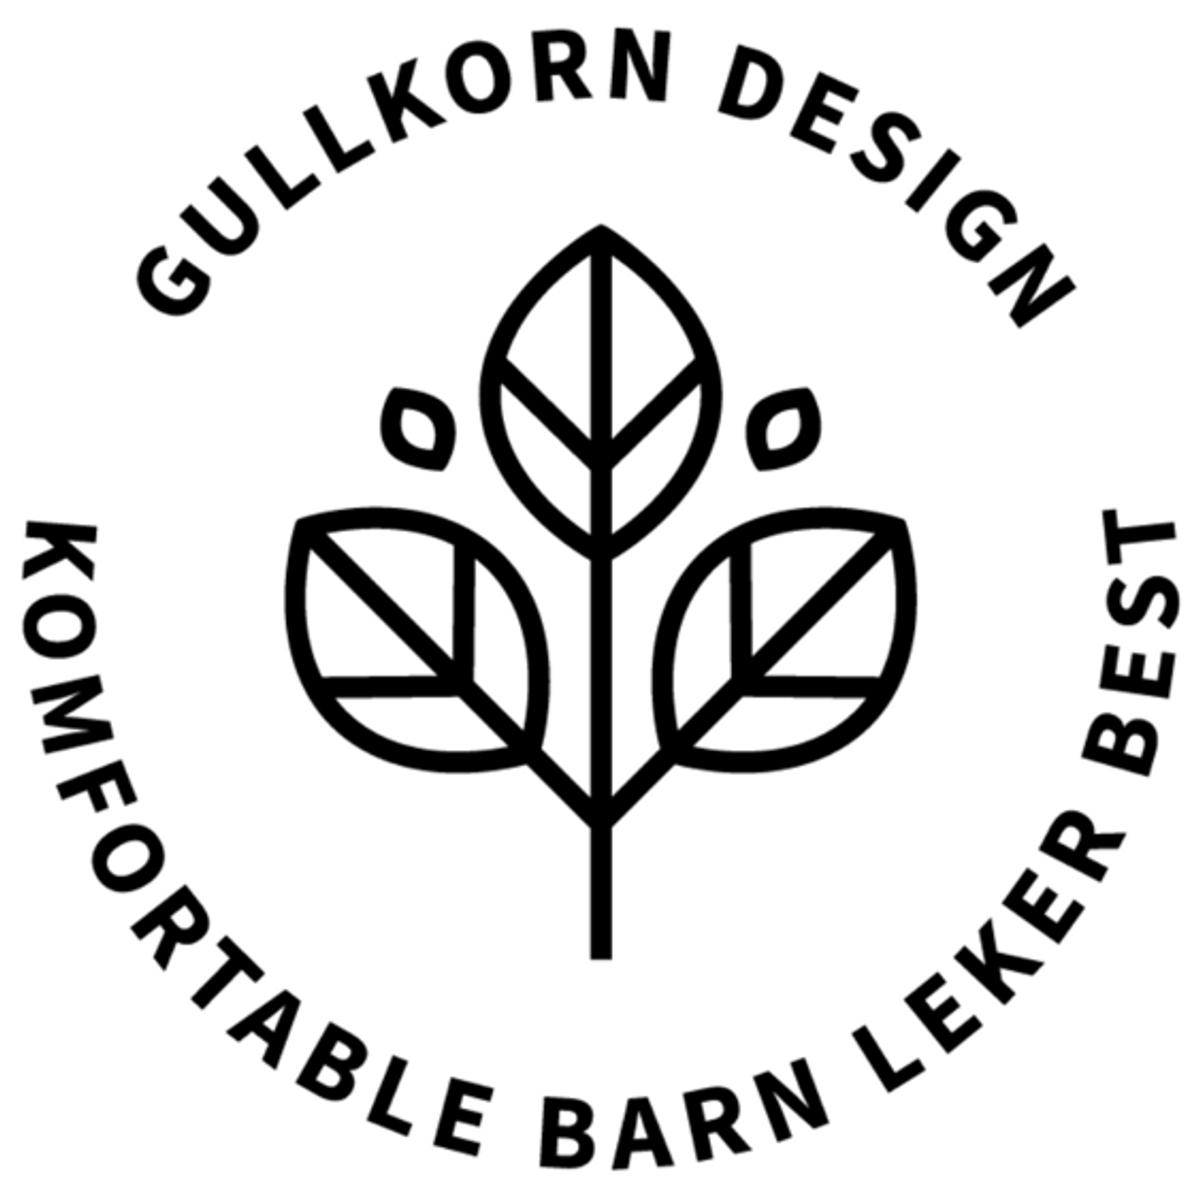 GULLKORN DESIGN - TRØYE VILLVETTE, FERSKEN